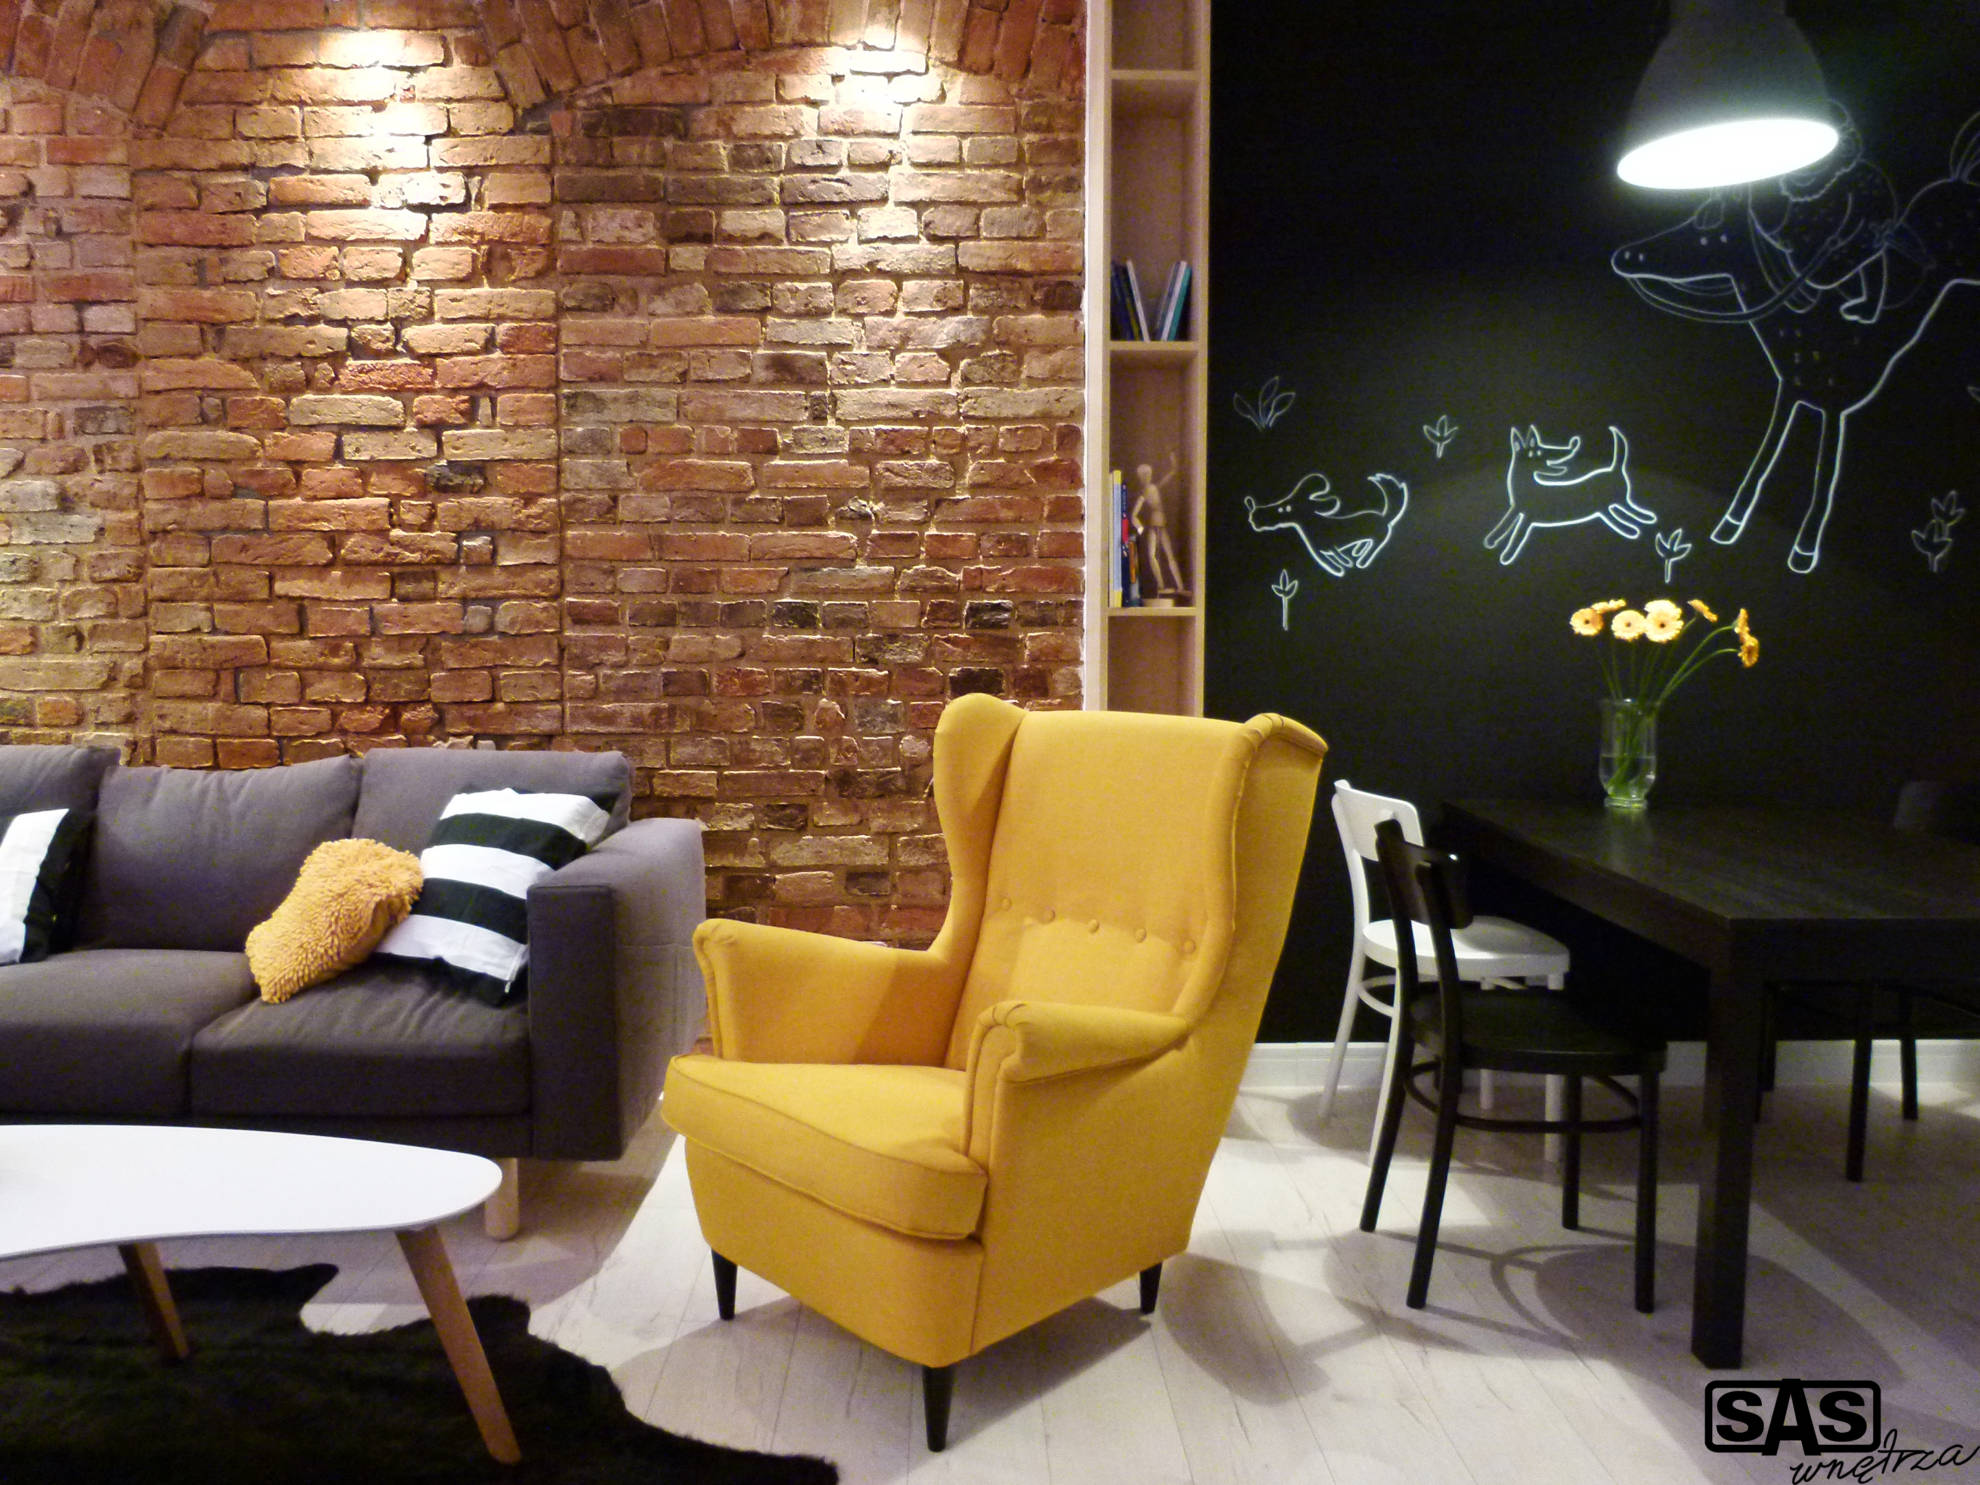 Aranżacja strefy wypoczynkowej oraz jadalni w mieszkaniu w kamienicy - projekt architekt wnętrz Emilia Strzempek Plasun.